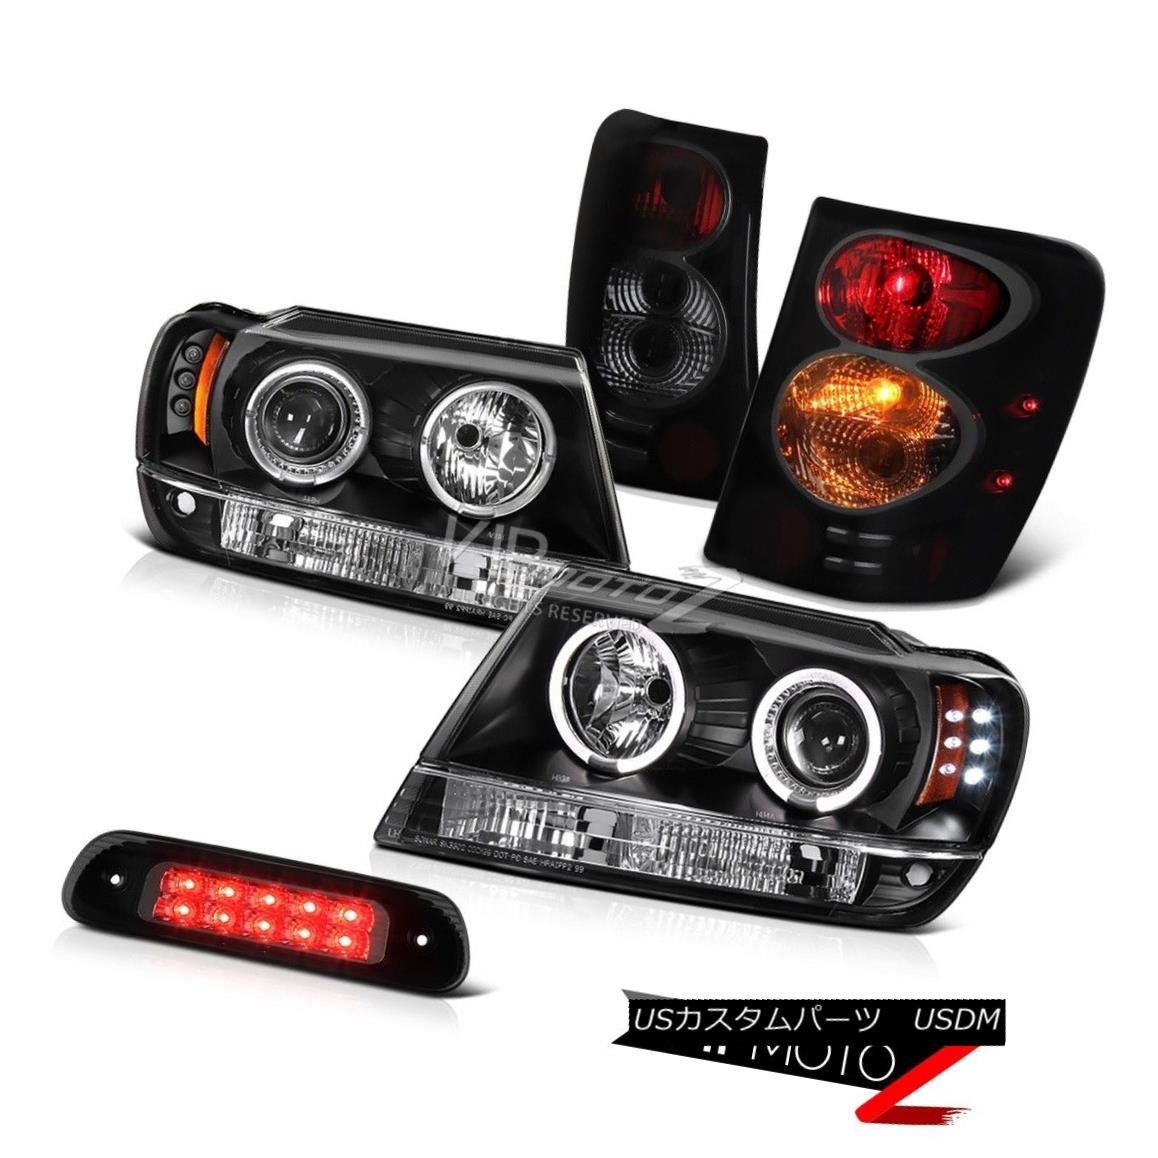 ヘッドライト 99-04 Jeep Grand Cherokee 4WD Roof Cargo Light Taillamps Headlights Altezza Sm 99-04ジープグランドチェロキー4WD屋根カーゴライトテールランプヘッドライトAltezza Sm